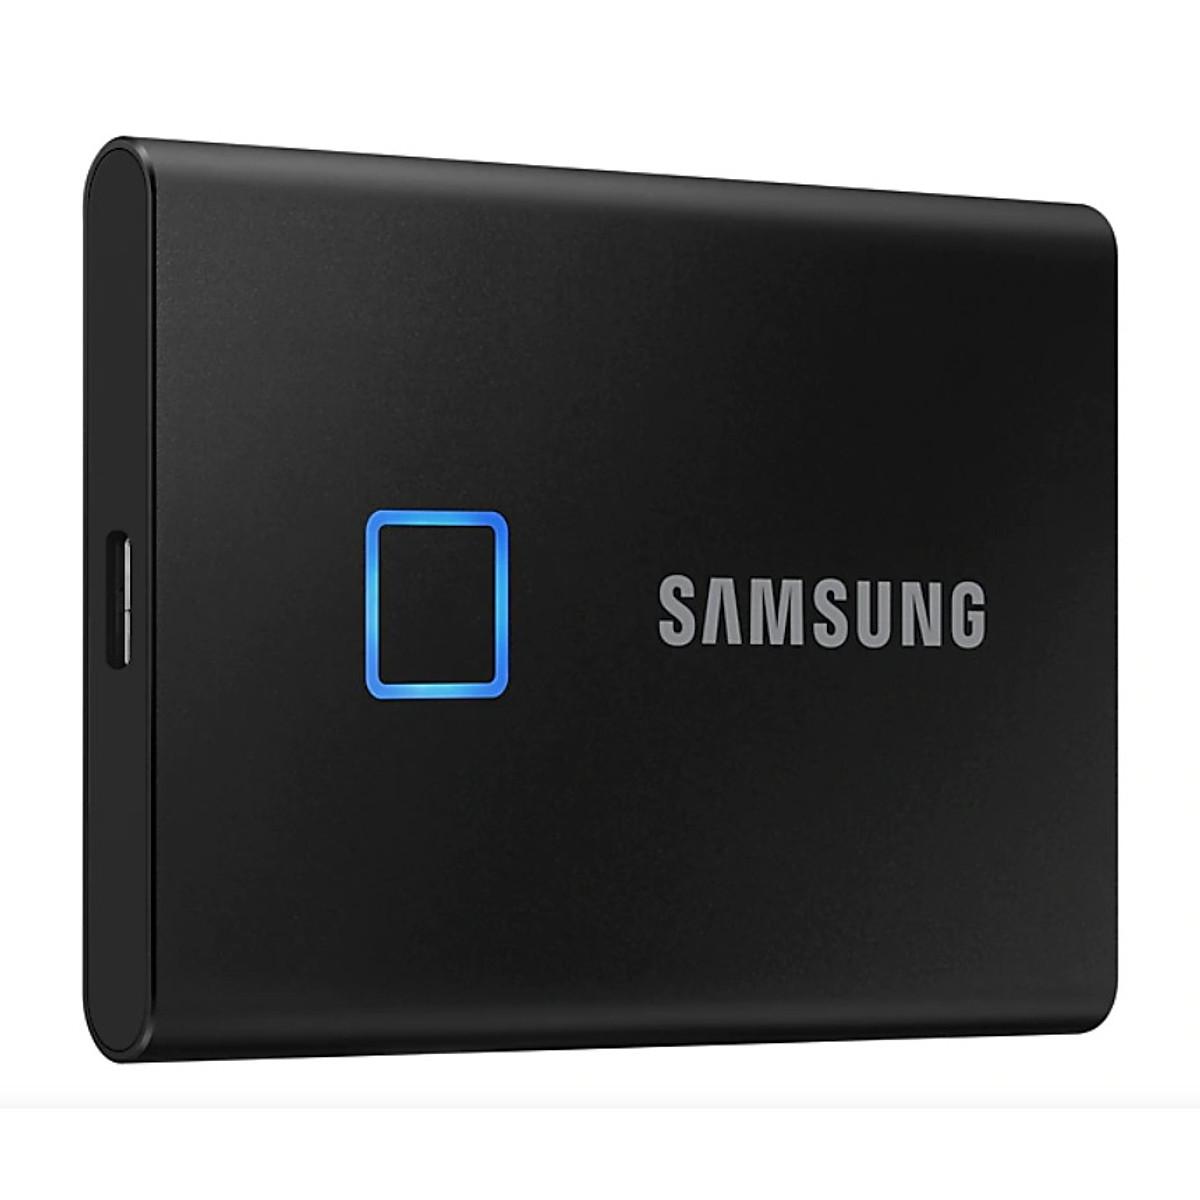 Ổ Cứng Di Động Samsung Portable SSD T7 Touch 500GB MU-PC500 – Hàng Chính Hãng